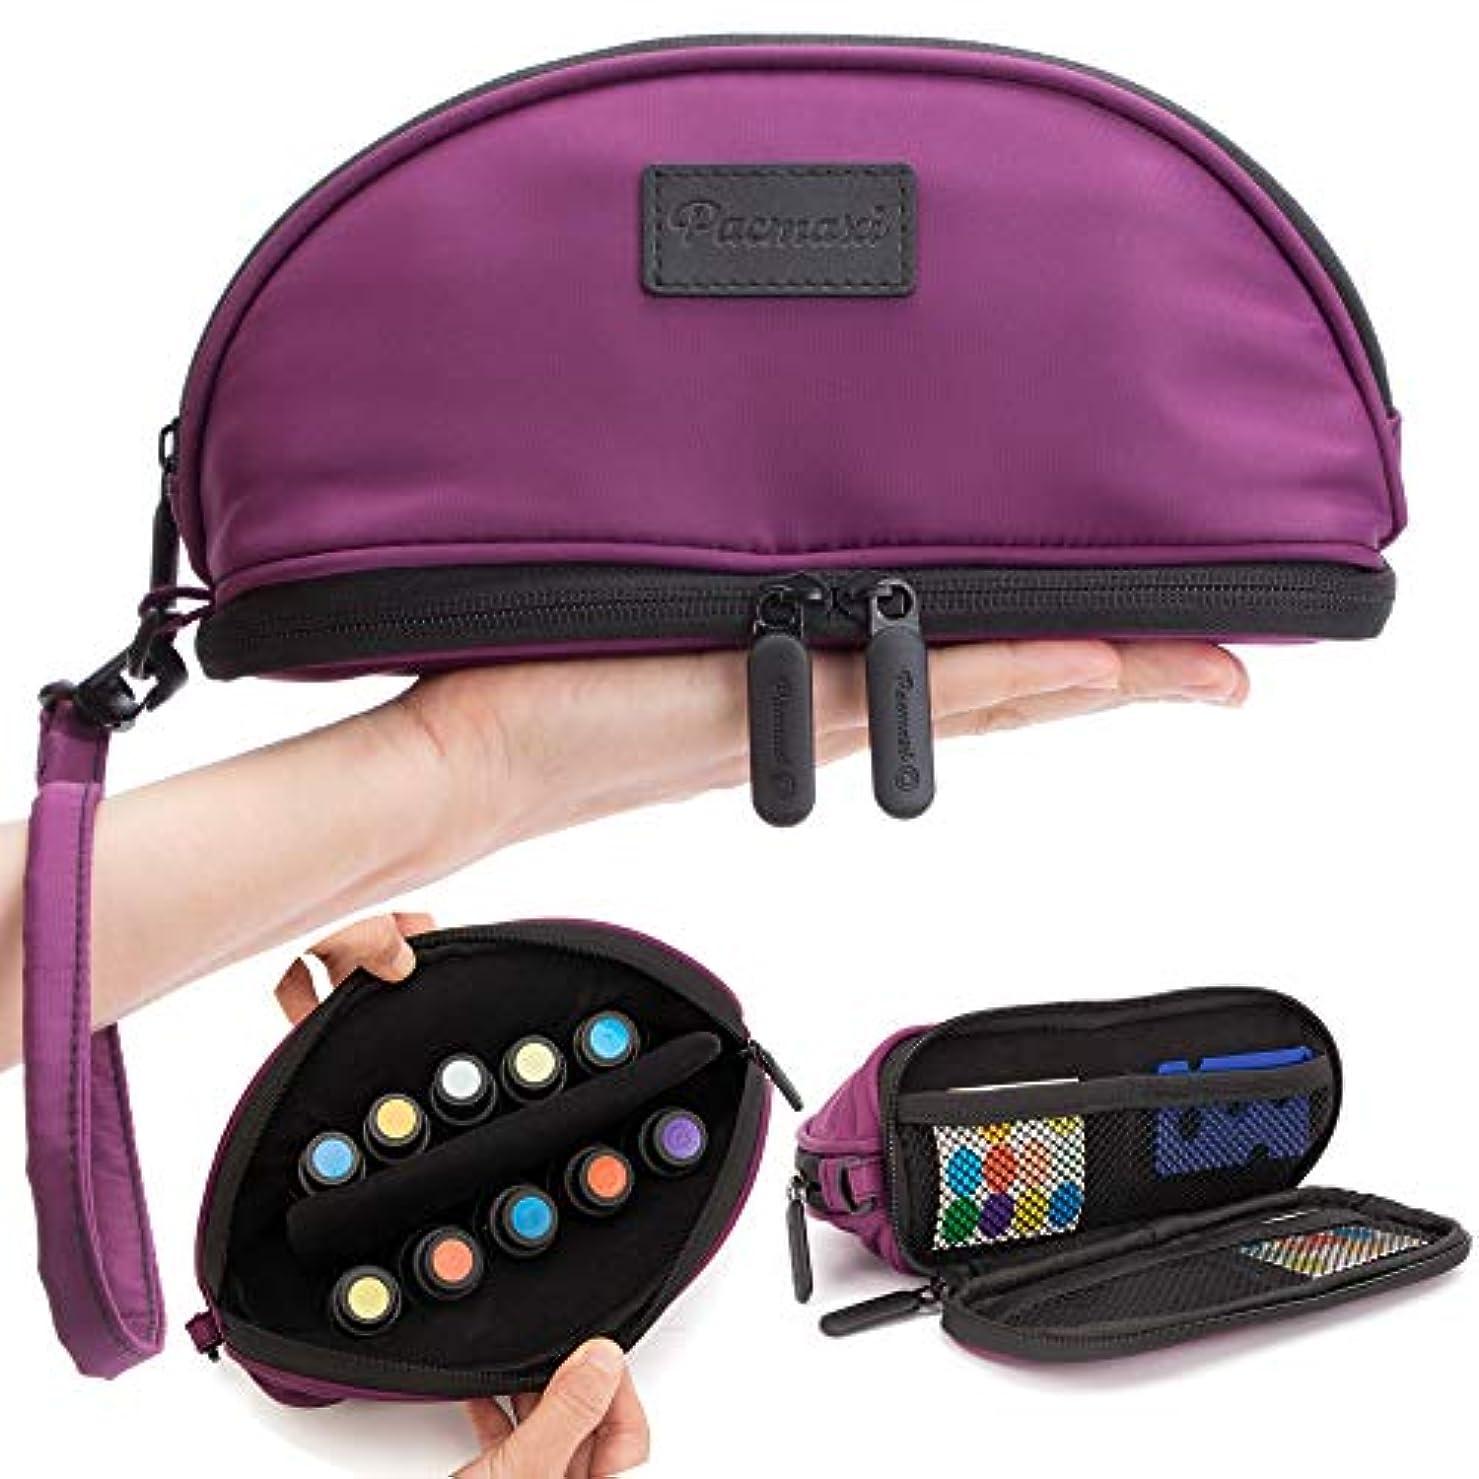 ネックレスラウンジ乙女[Pacmaxi]エッセンシャルオイル 収納ポーチ 携帯便利 旅行 10本収納(5ml - 15ml) ナイロン製 撥水加工 ストラップあり (パープル)